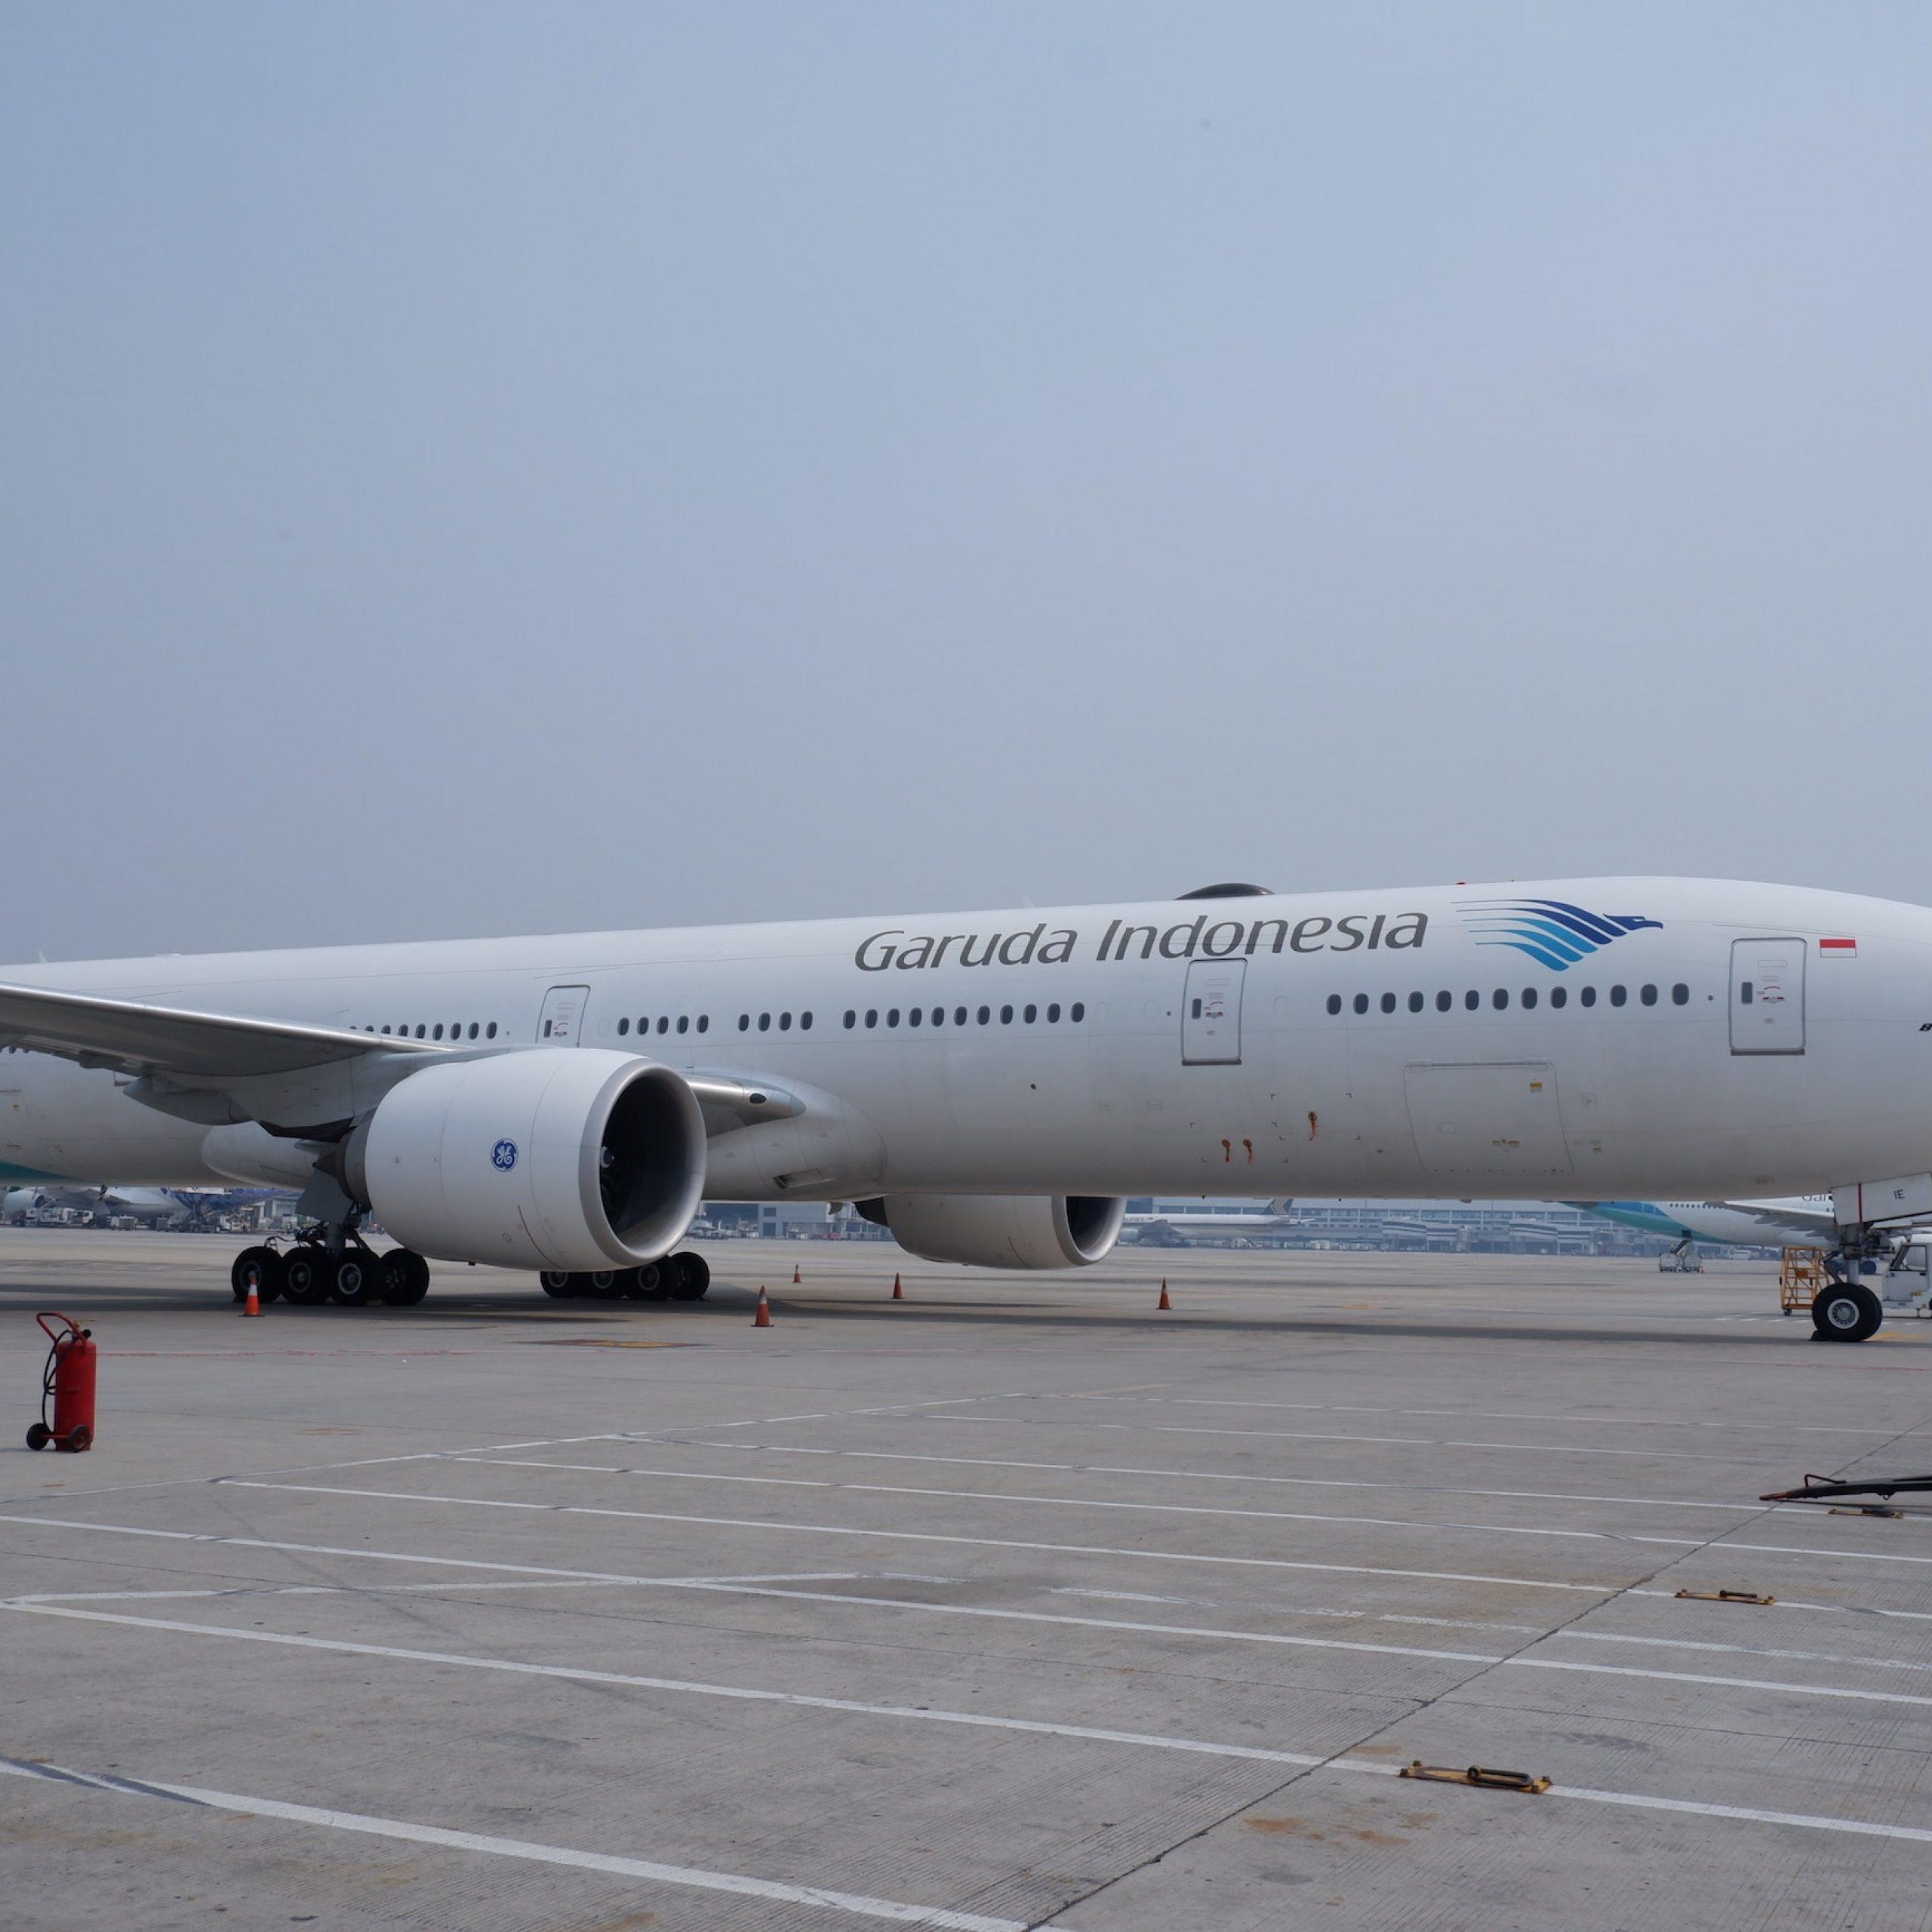 Penerbangan akhir tahun sejumlah 3 persen calon penumpang Garuda Indonesia melakukan refund dan 6 persen me-reschedulle.